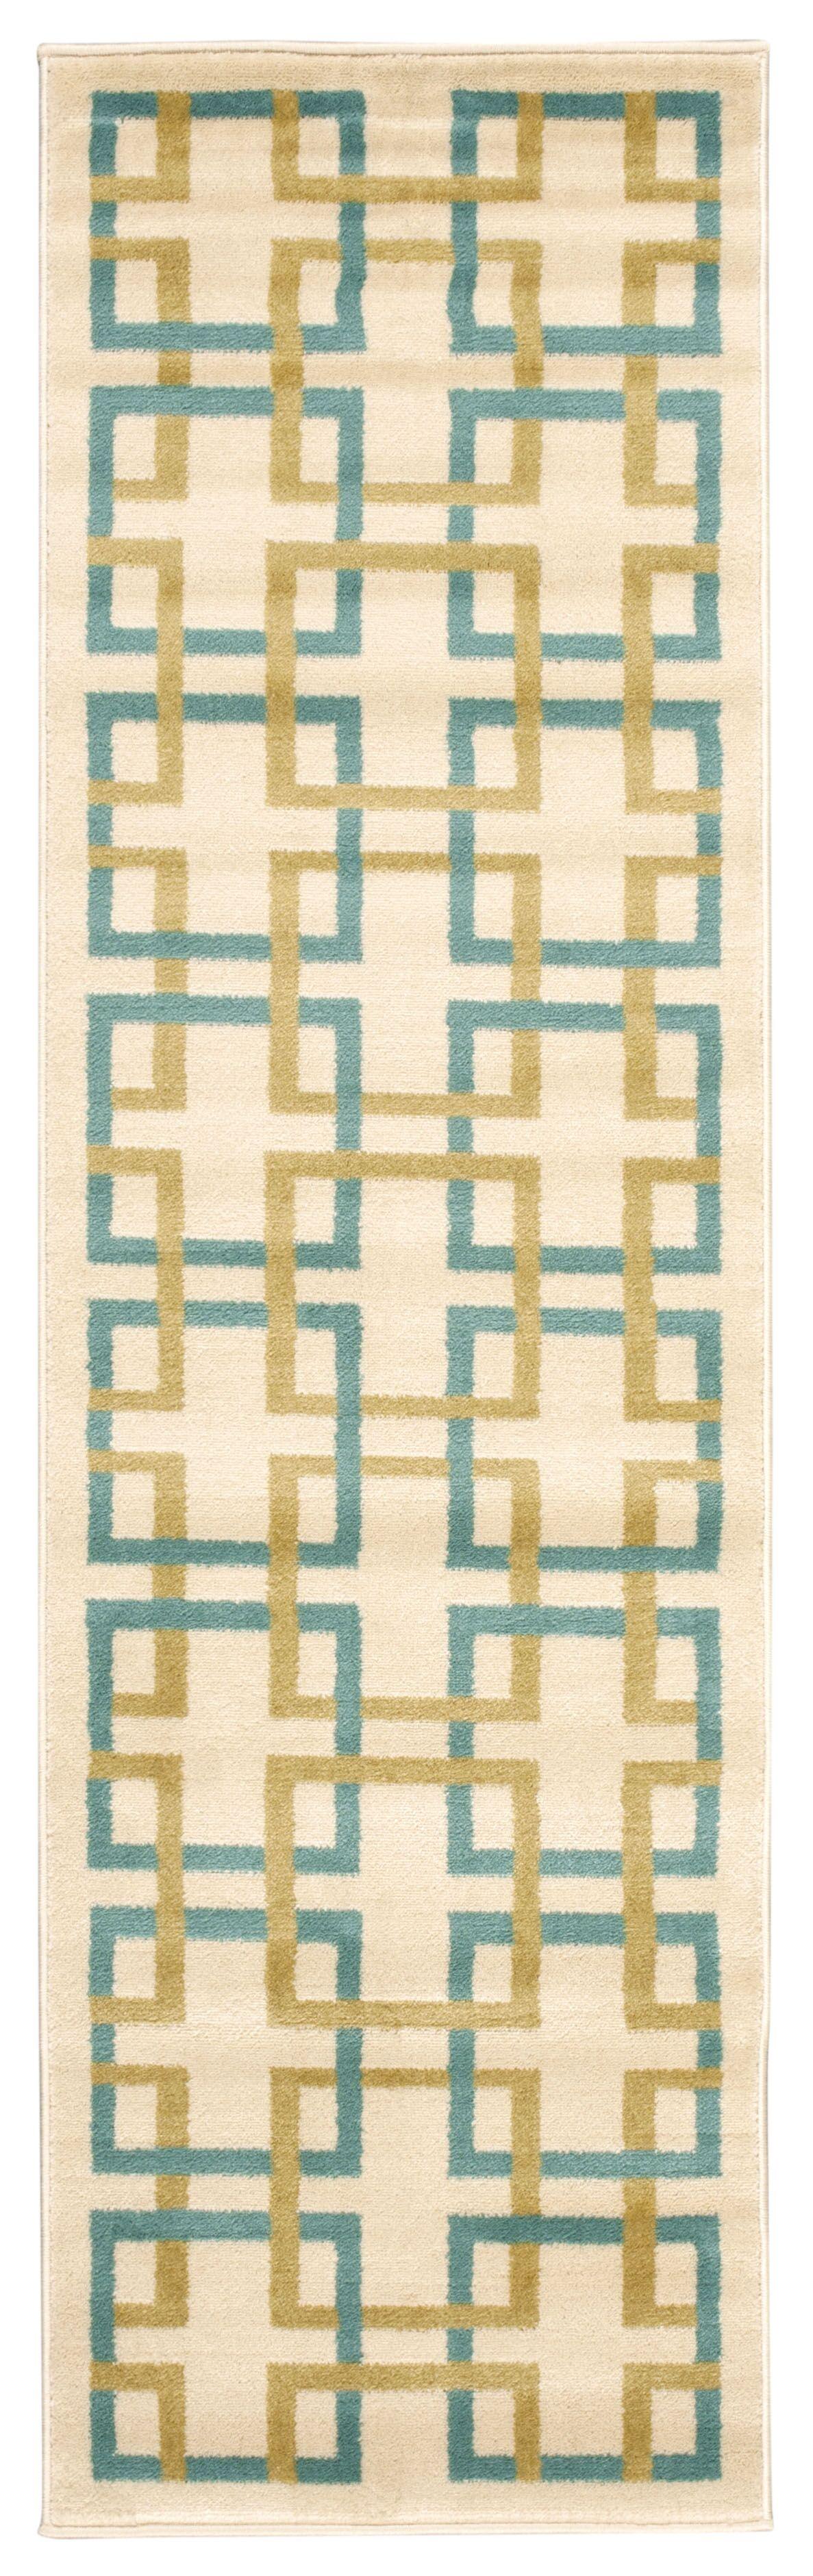 Dennis Ivory/Blue Area Rug Rug Size: Rectangle 5'3